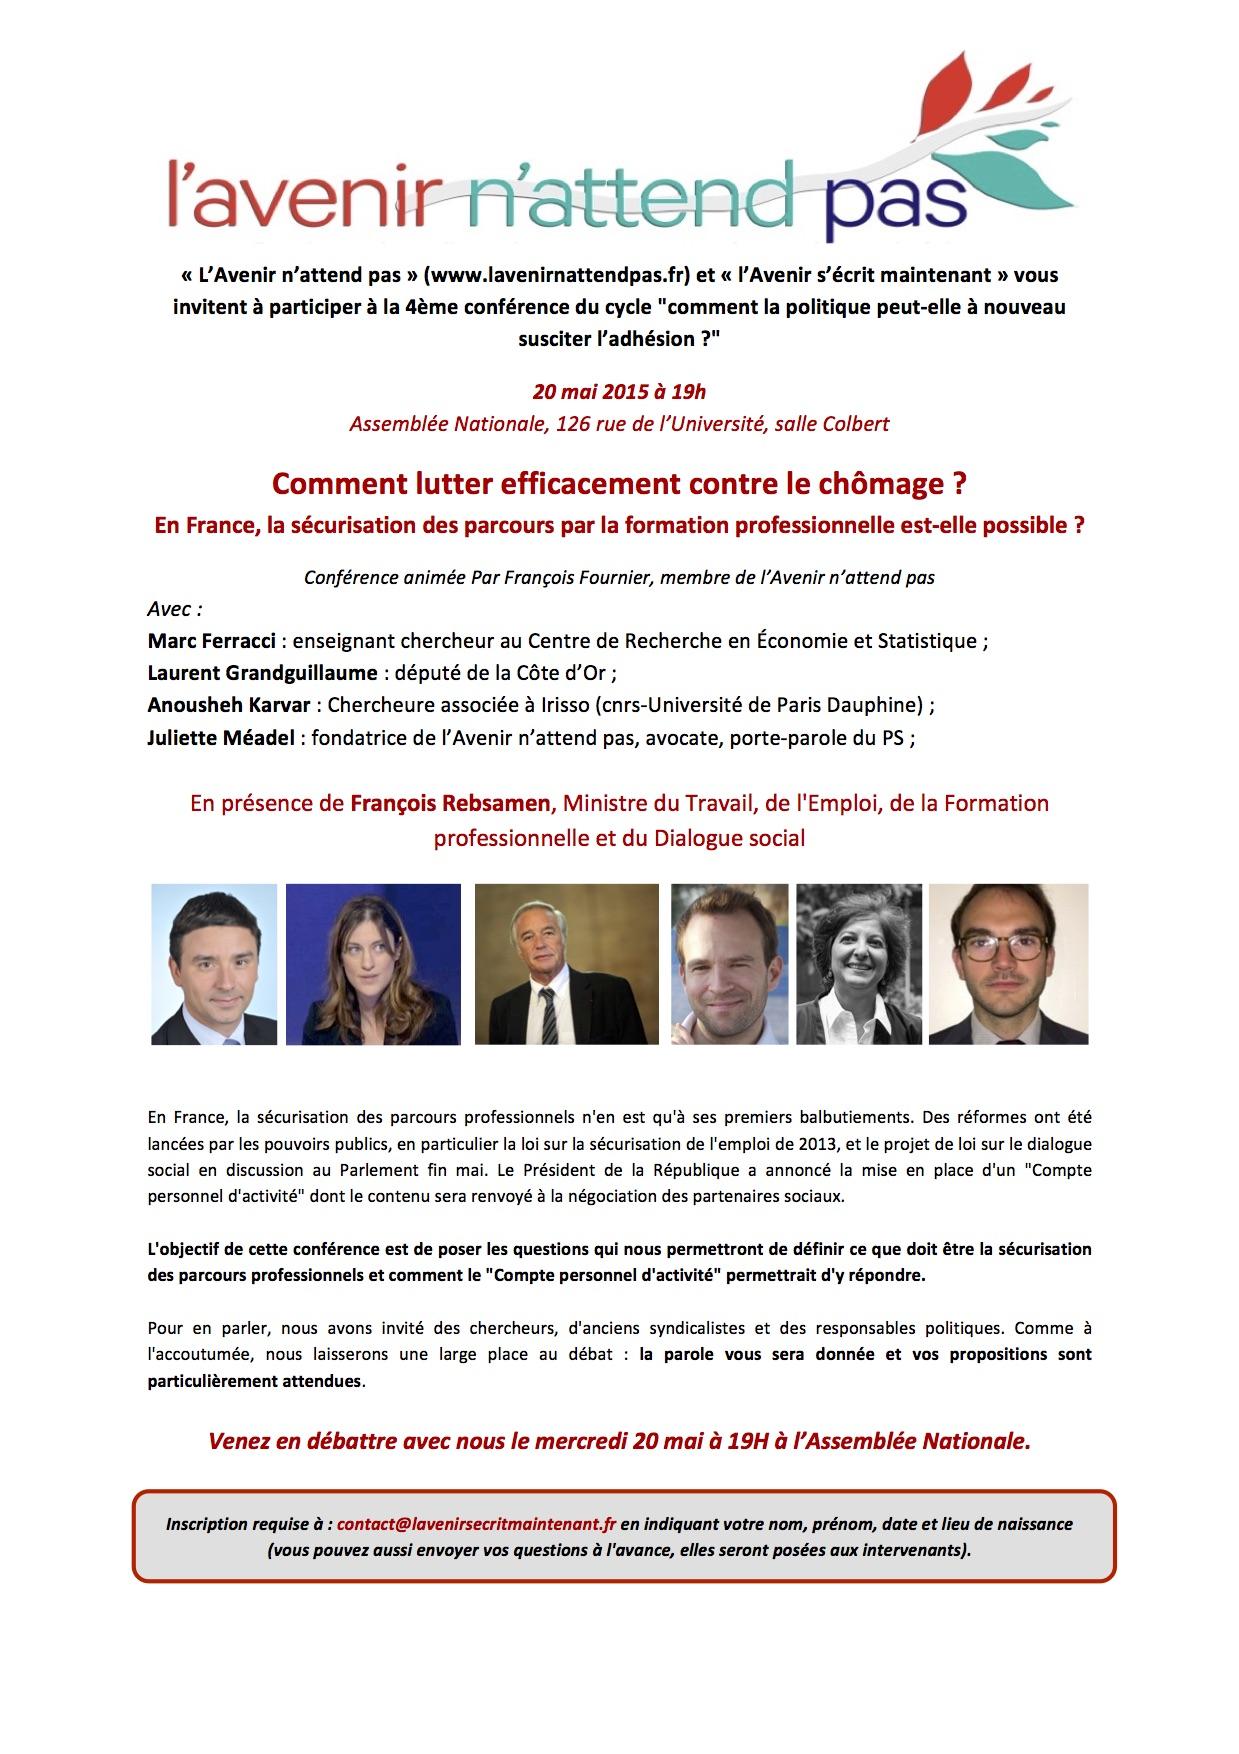 """Invitation L'avenir n'attend pas du 20 mai 2015 : 4ème conférence du cycle """"comment la politique peut-elle à nouveau susciter l'adhésion ?"""""""